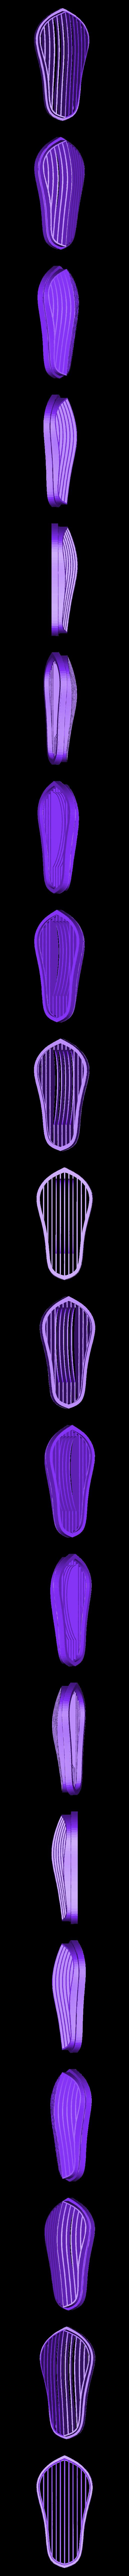 mask_middle_v1.stl Télécharger fichier STL gratuit Masque de scorpion • Modèle imprimable en 3D, ayoubtouait